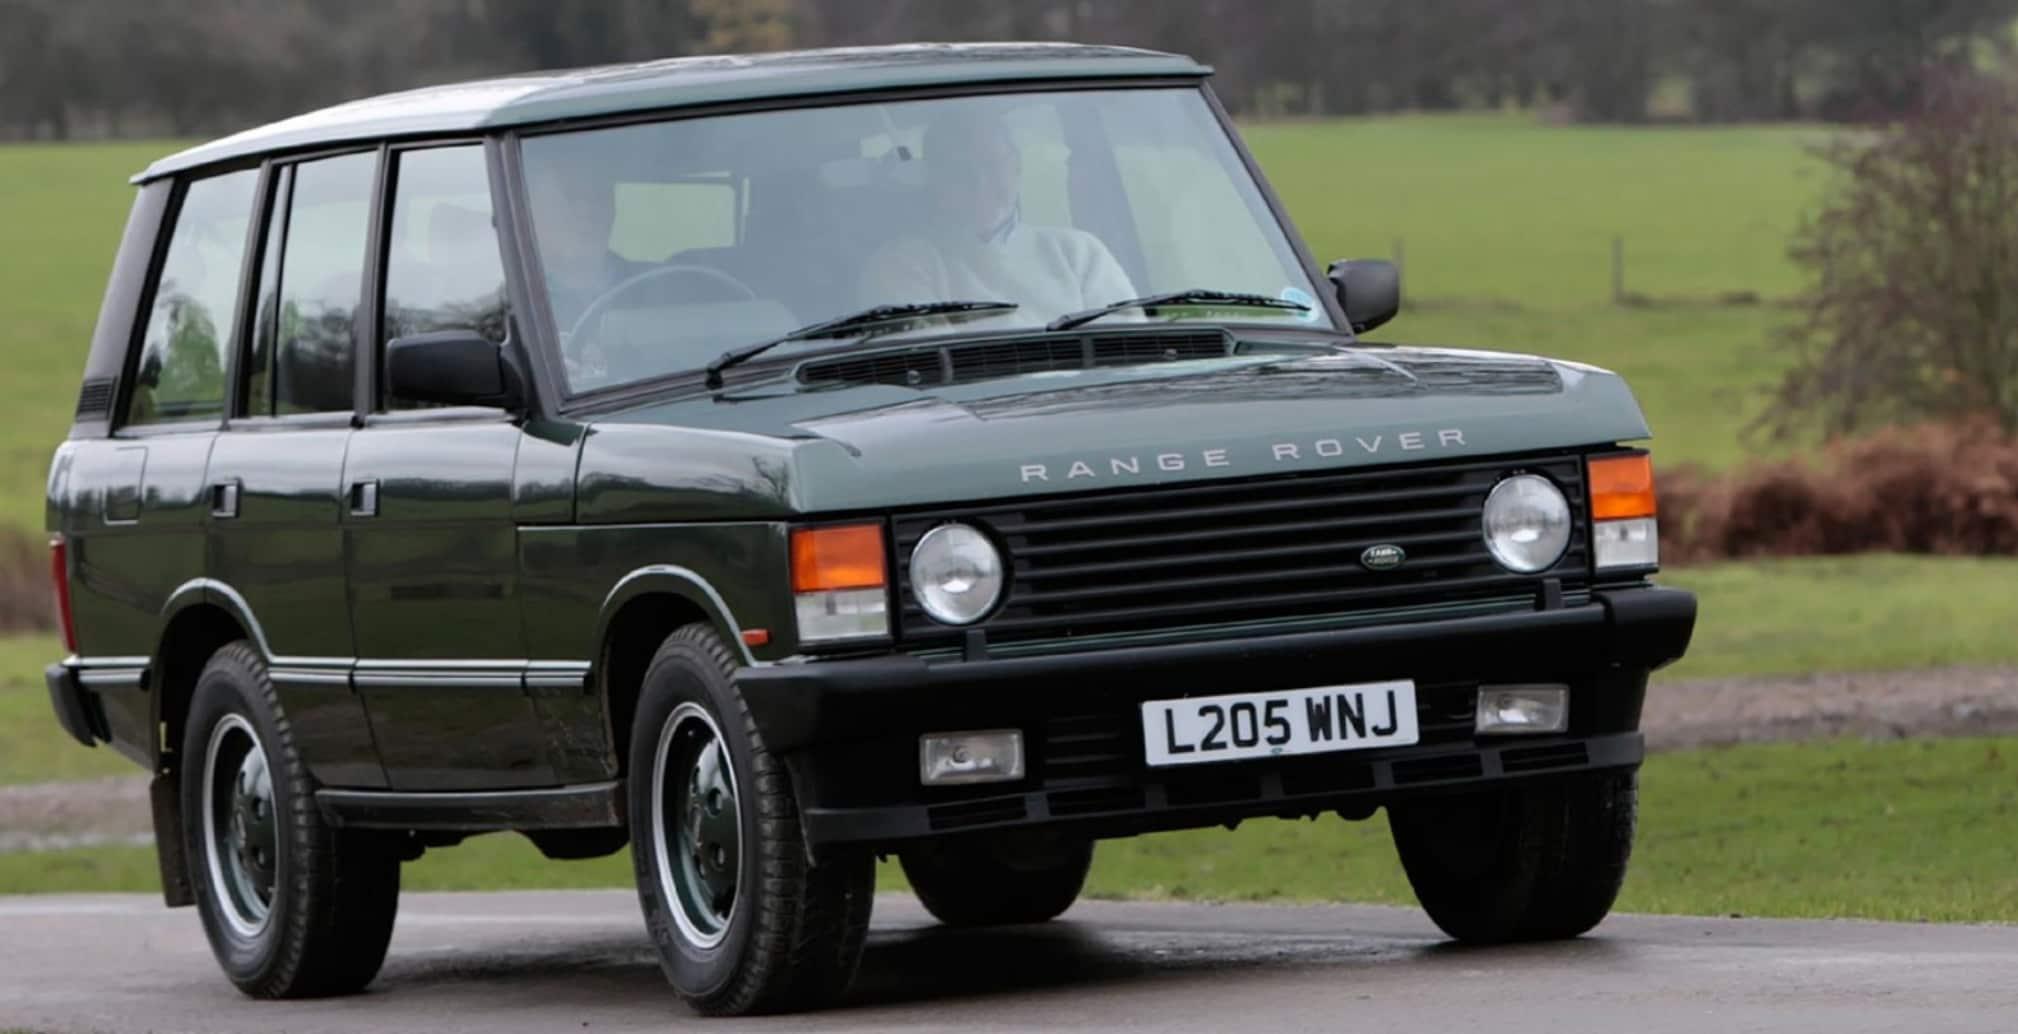 Land Rover Hoffman Estates >> Buy a Vintage Range Rover Through the Land Rover Reborn ...